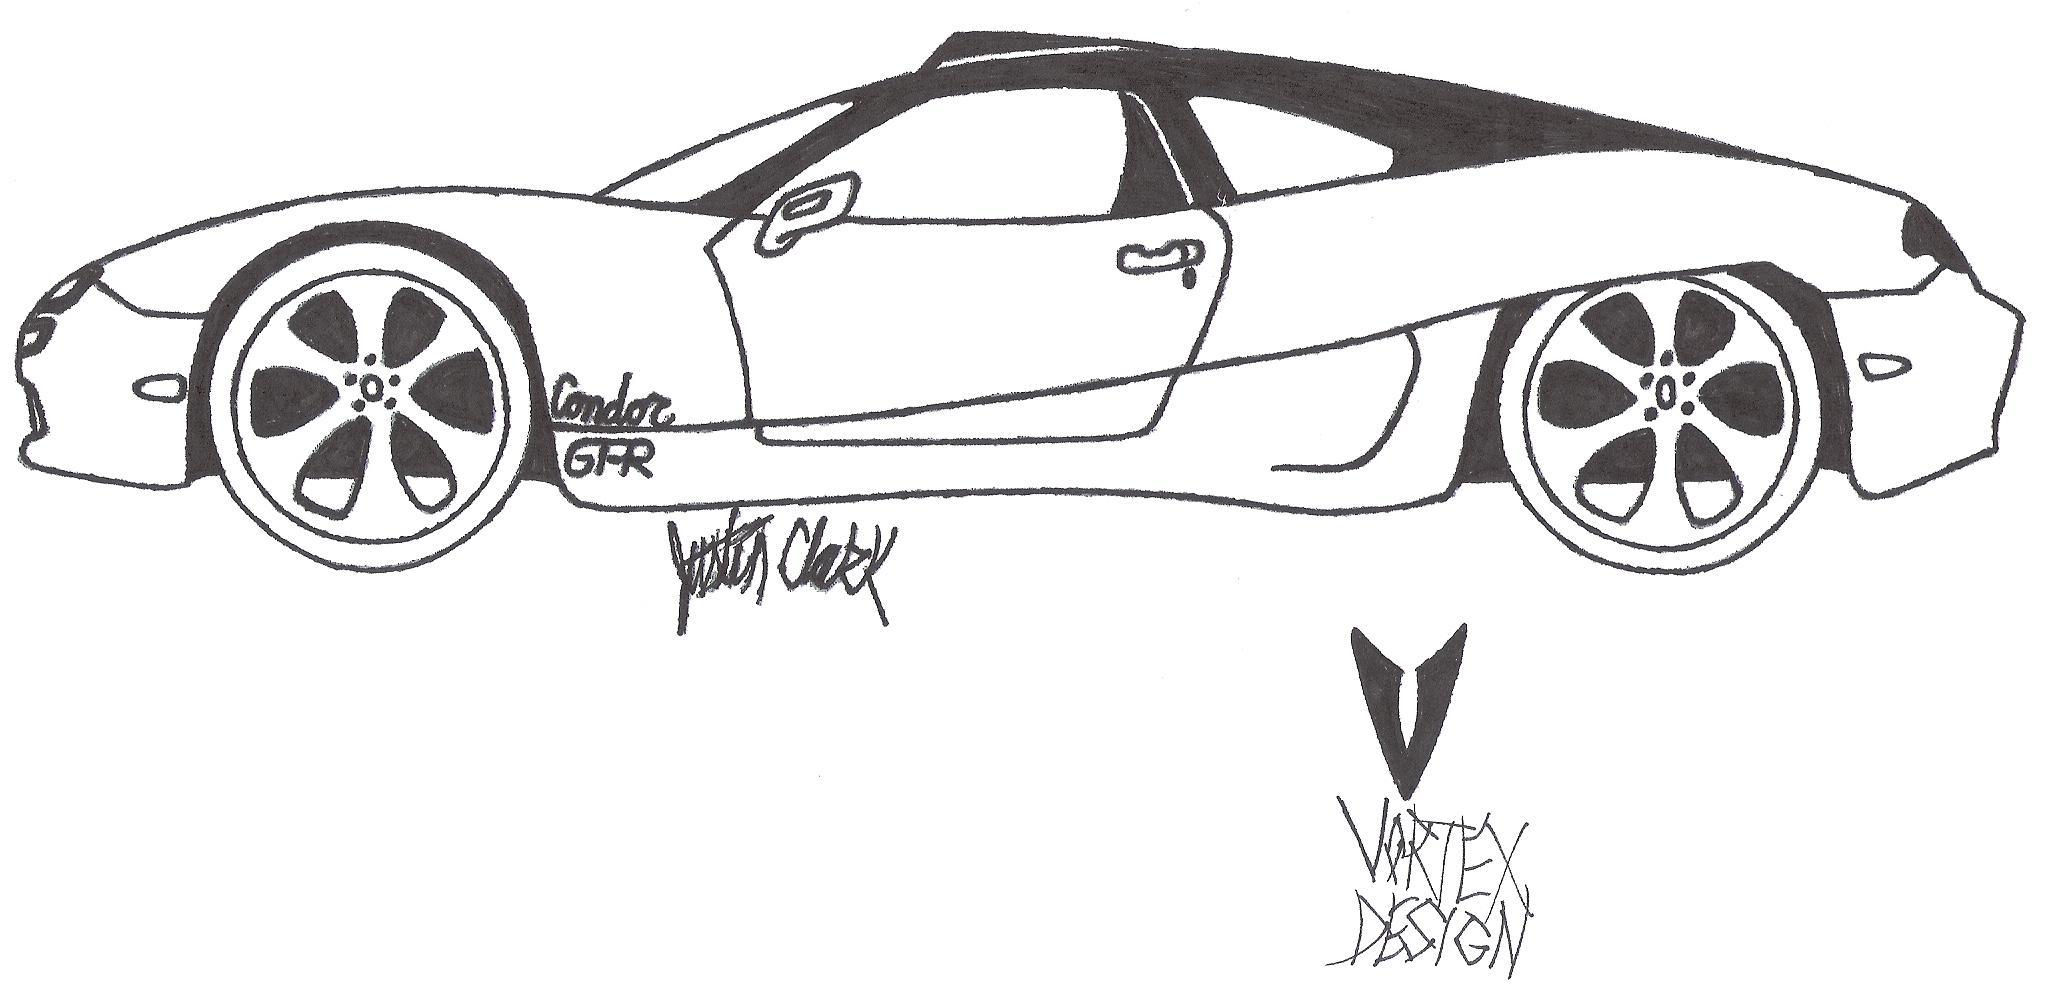 Vortex Condor GT-R